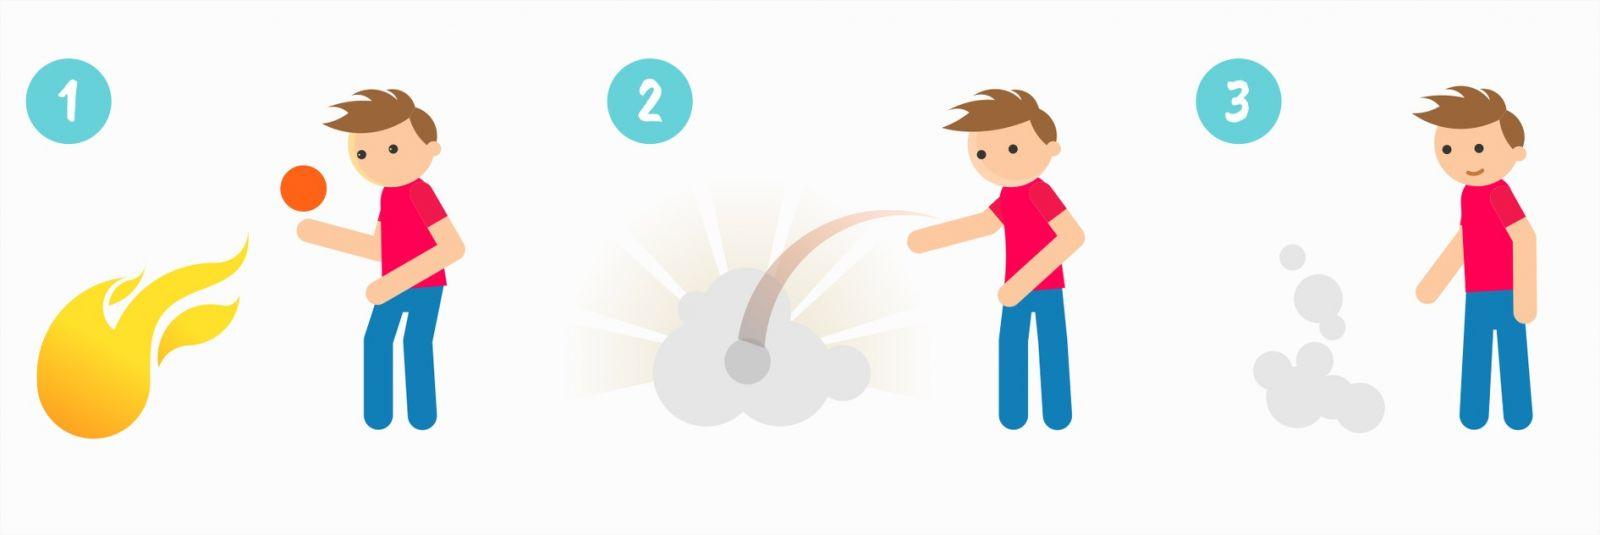 Bola extintora de incêndio - 3 passos